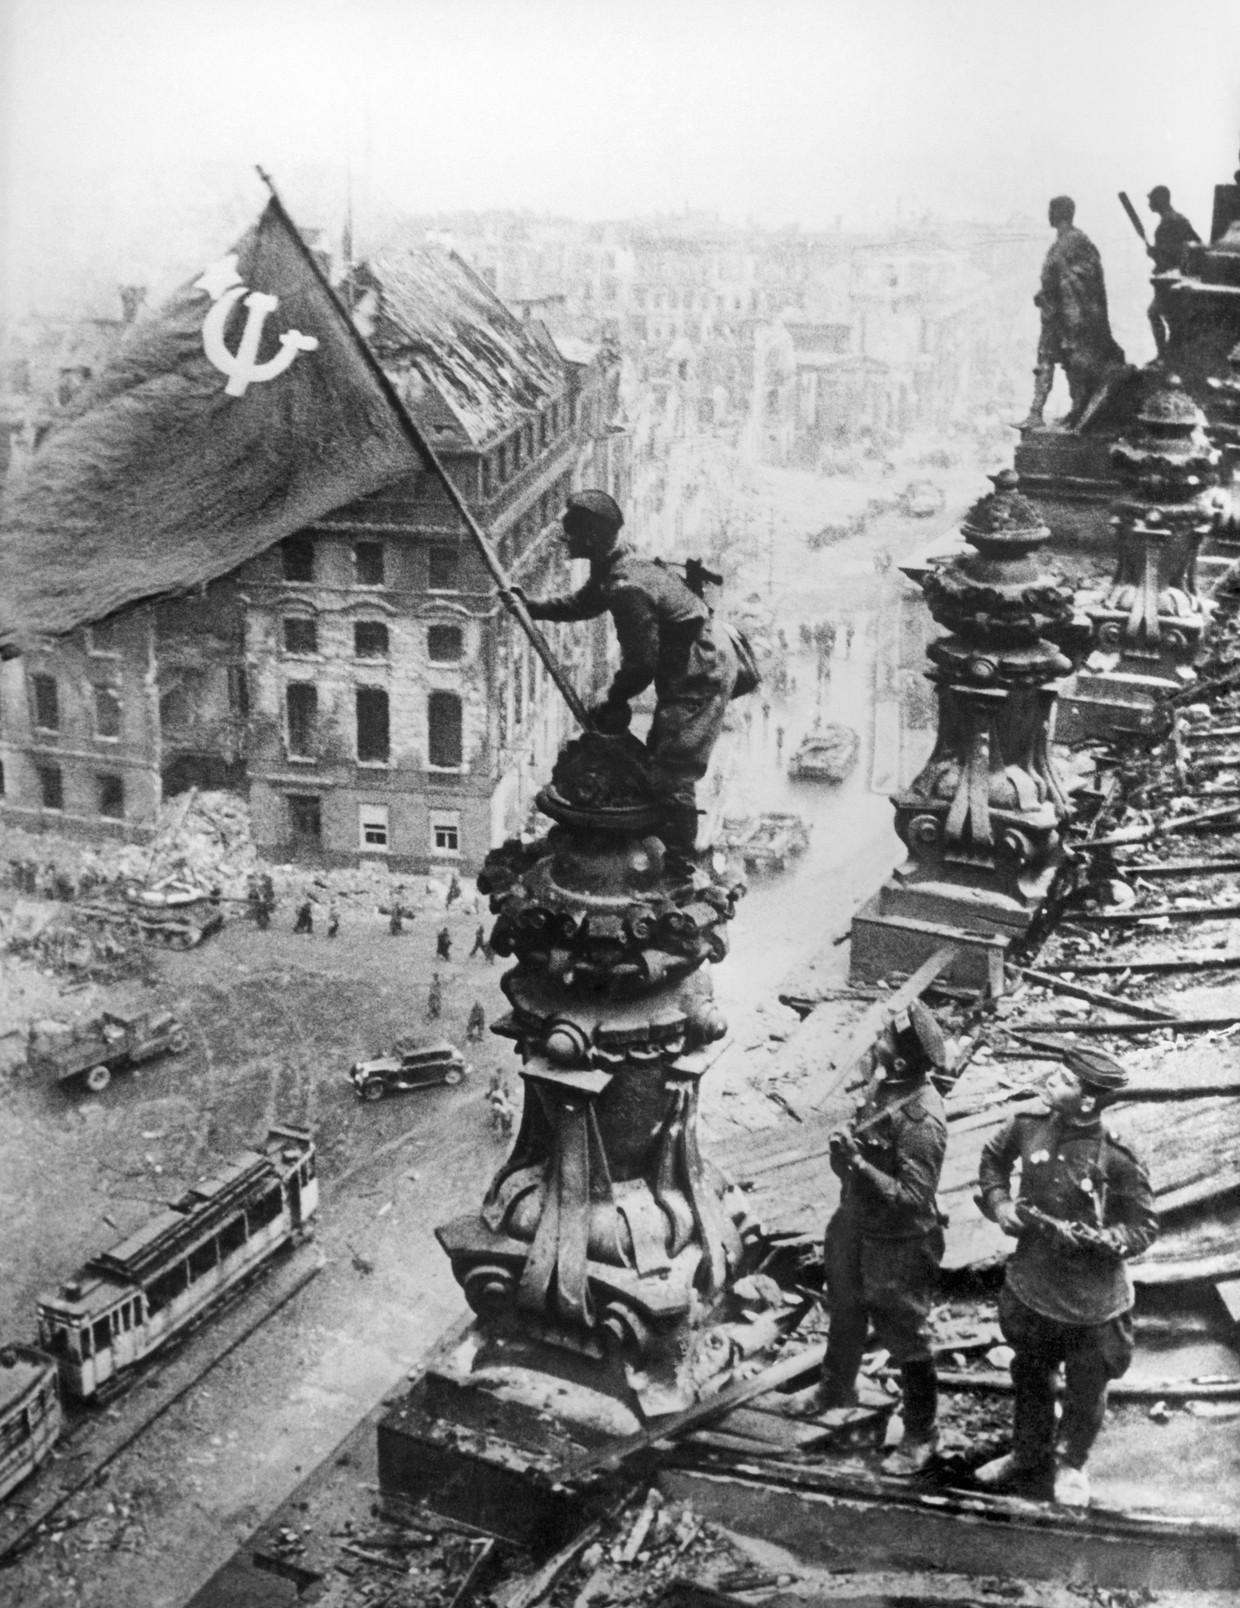 De Sovjetvlag is geplant op het gebouw van de Rijksdag; Hitler is verslagen